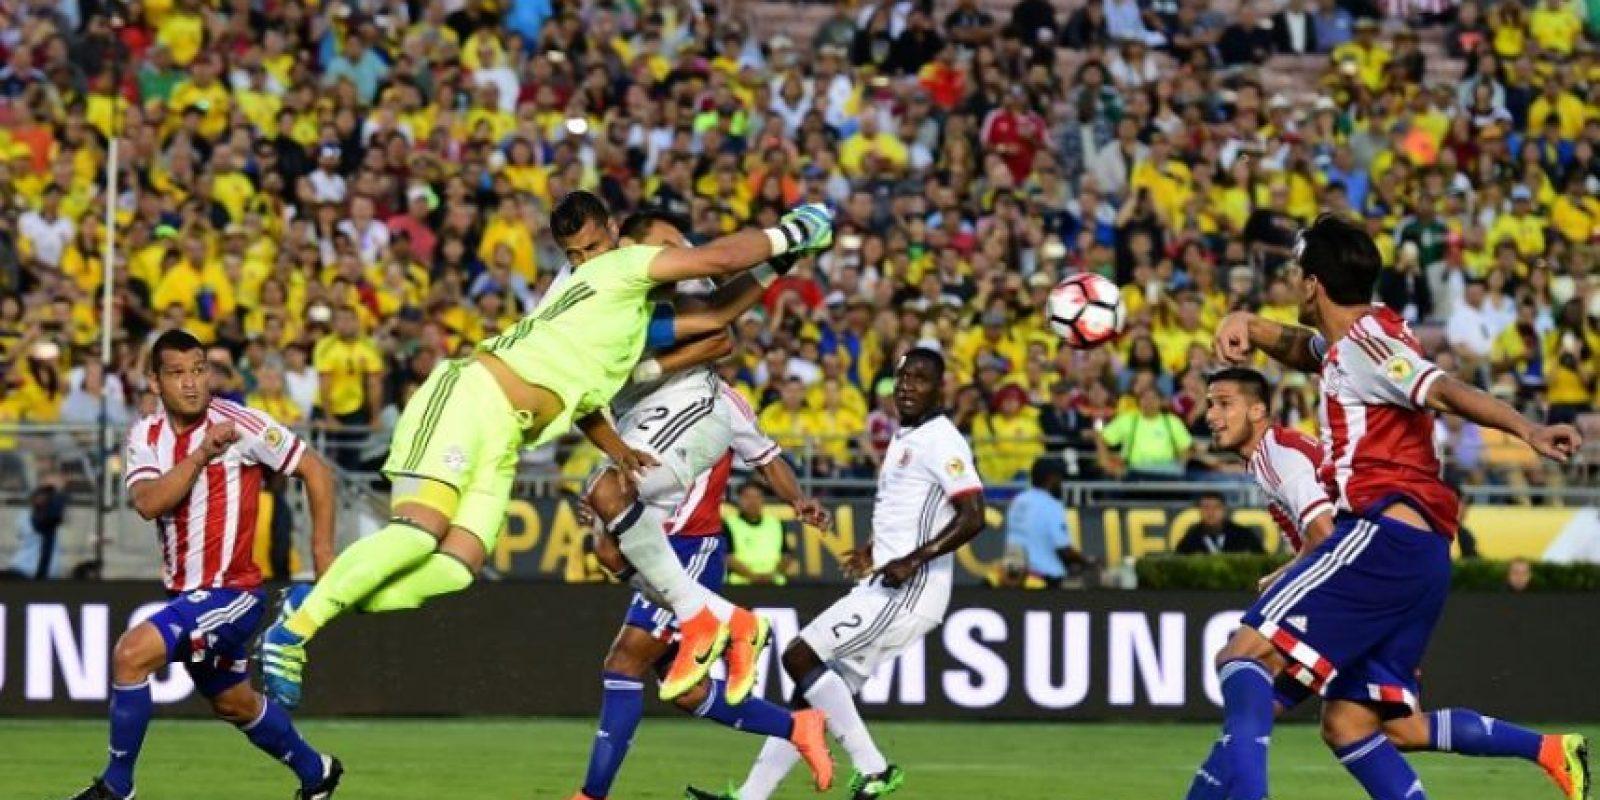 La selección colombiana ganó su segundo partido en la Copa y sumó seis puntos. Foto:AFP